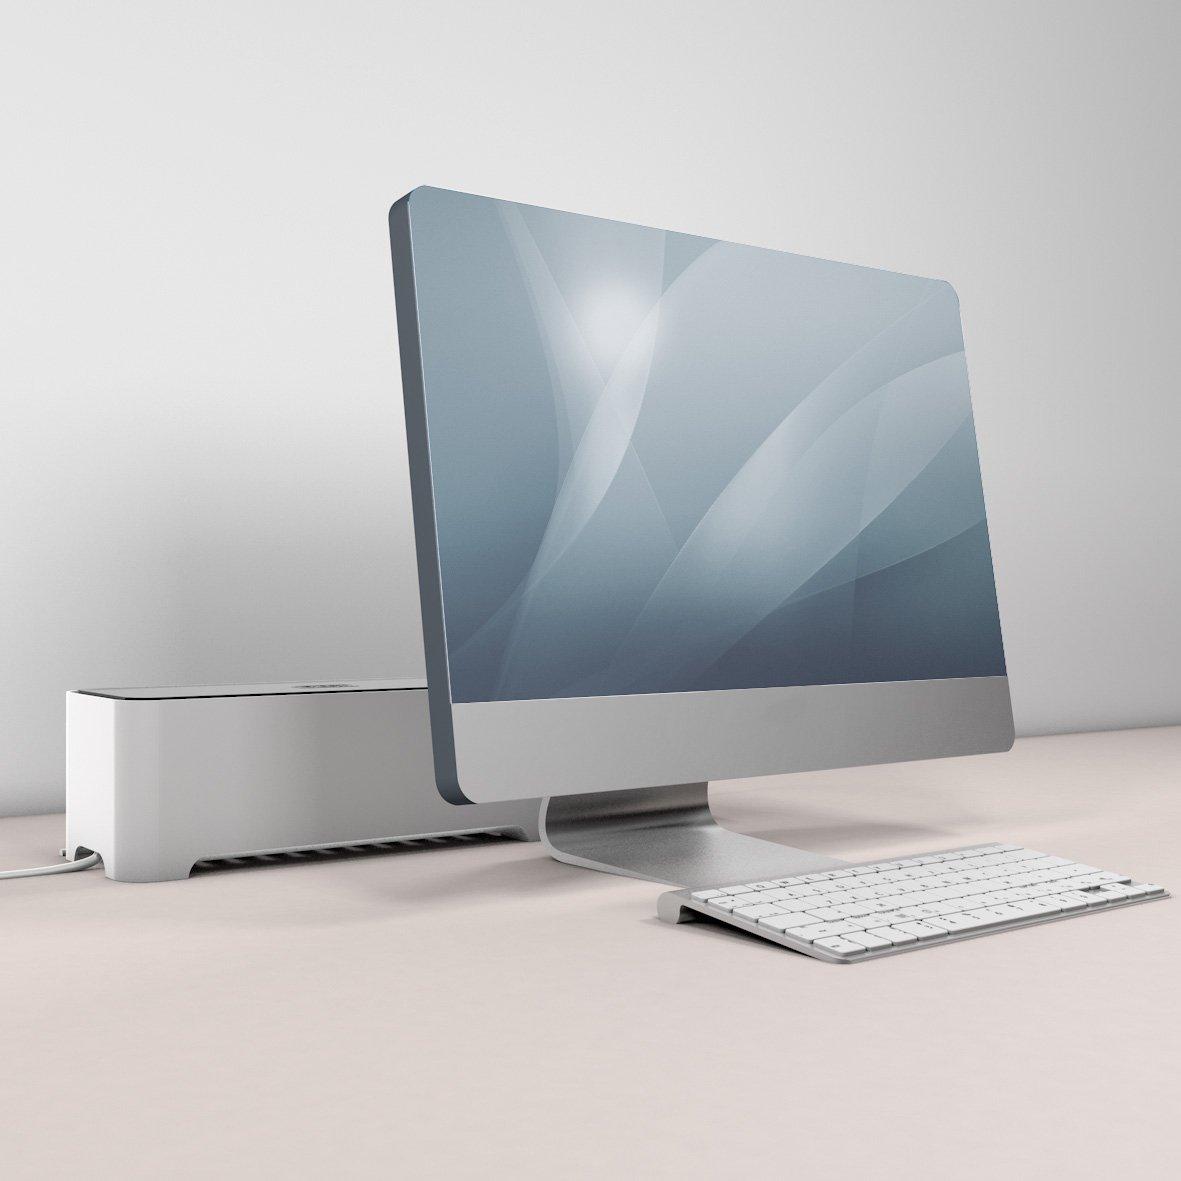 Amazon.com: E-BOX – Power Cable Box for Desk & TV & Computer | Cable ...